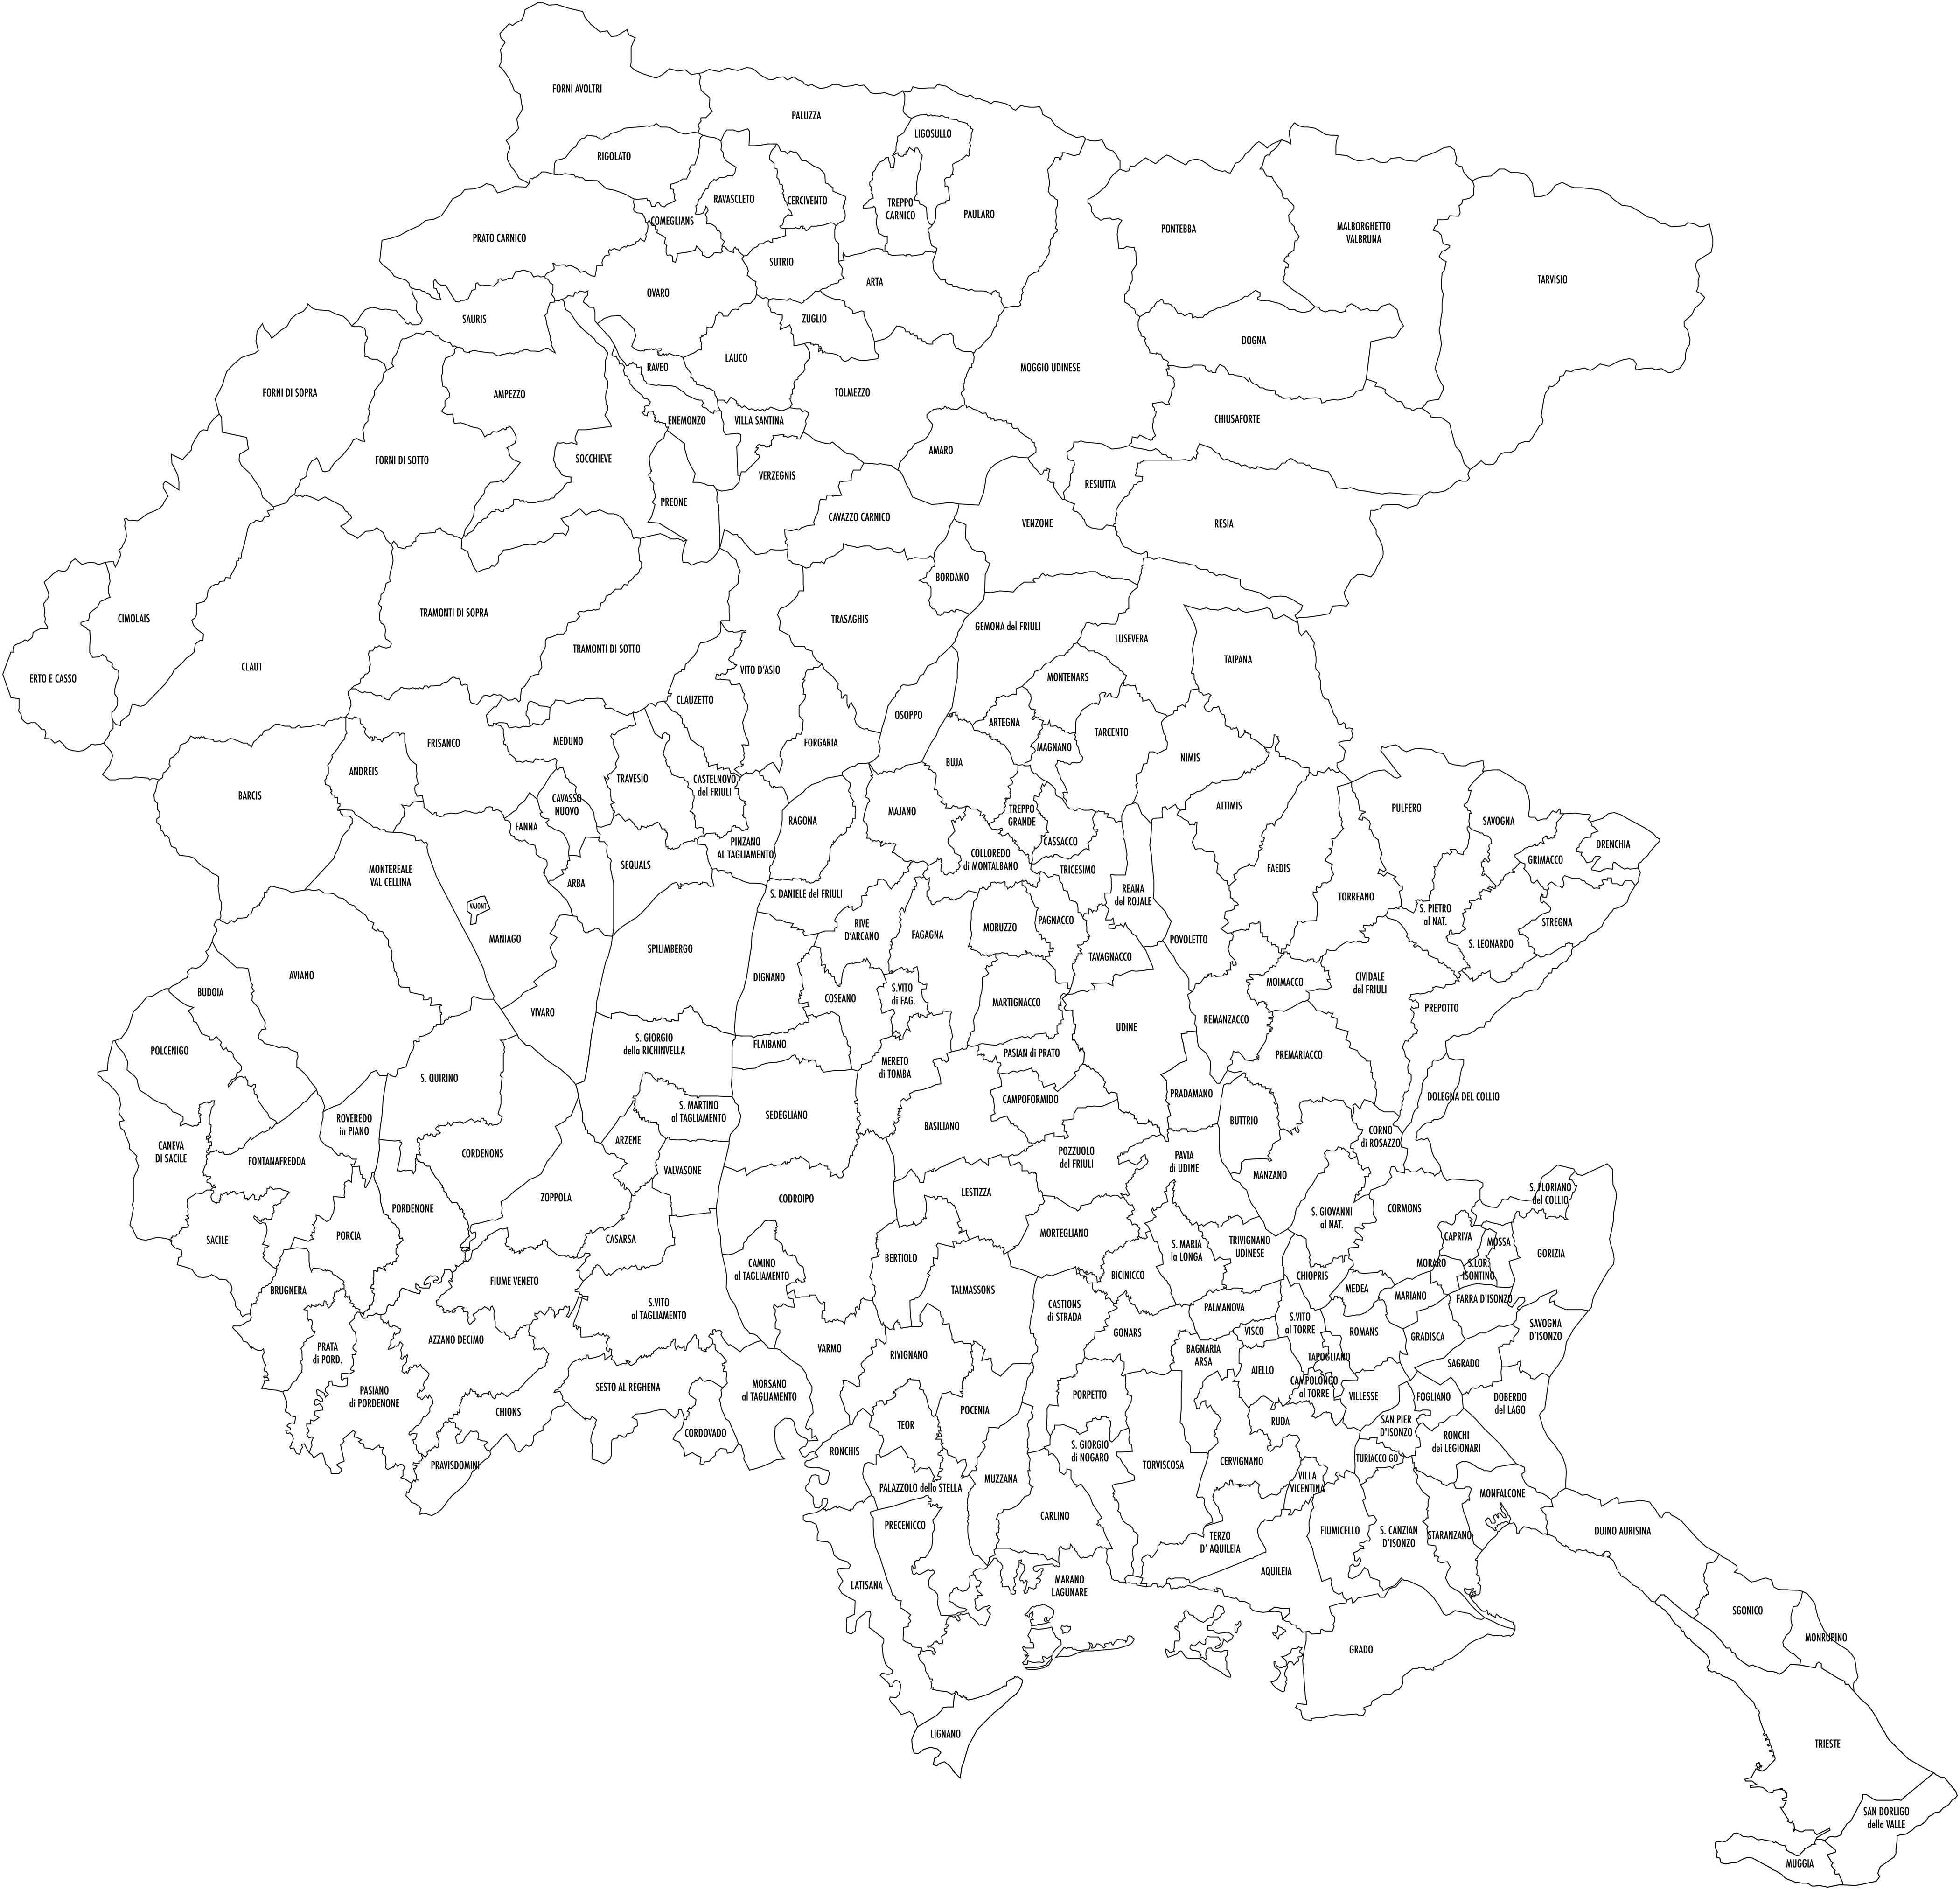 Regione Friuli Venezia Giulia Cartina.Area Riservata Commercialisti E Consulenti Del Lavoro Assomicroimprese